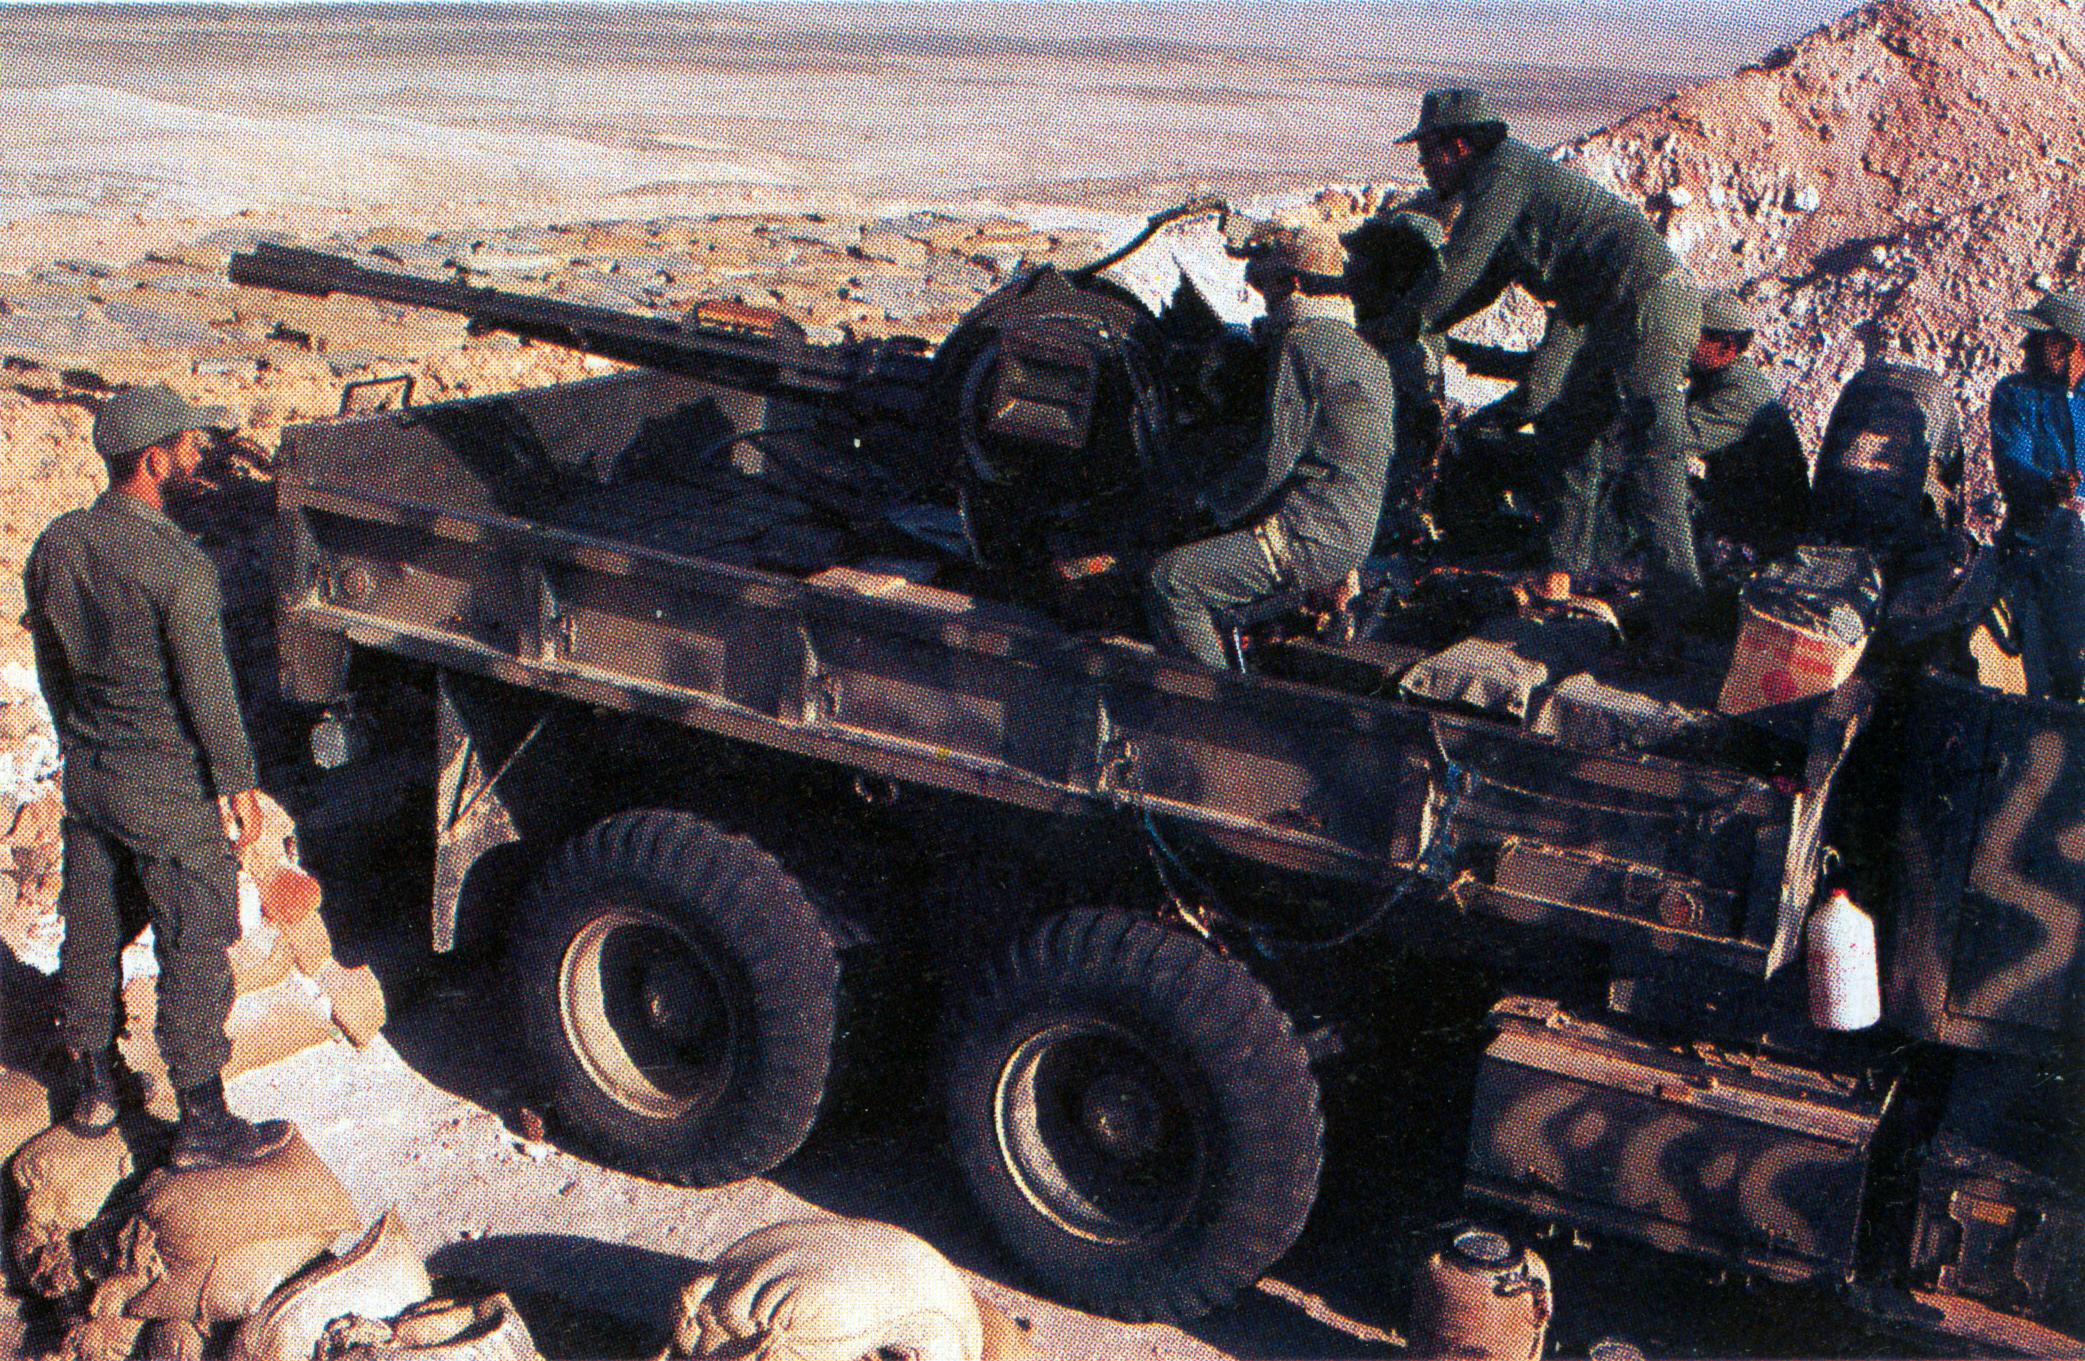 Le conflit armé du sahara marocain - Page 11 44165440241_39be73785c_o